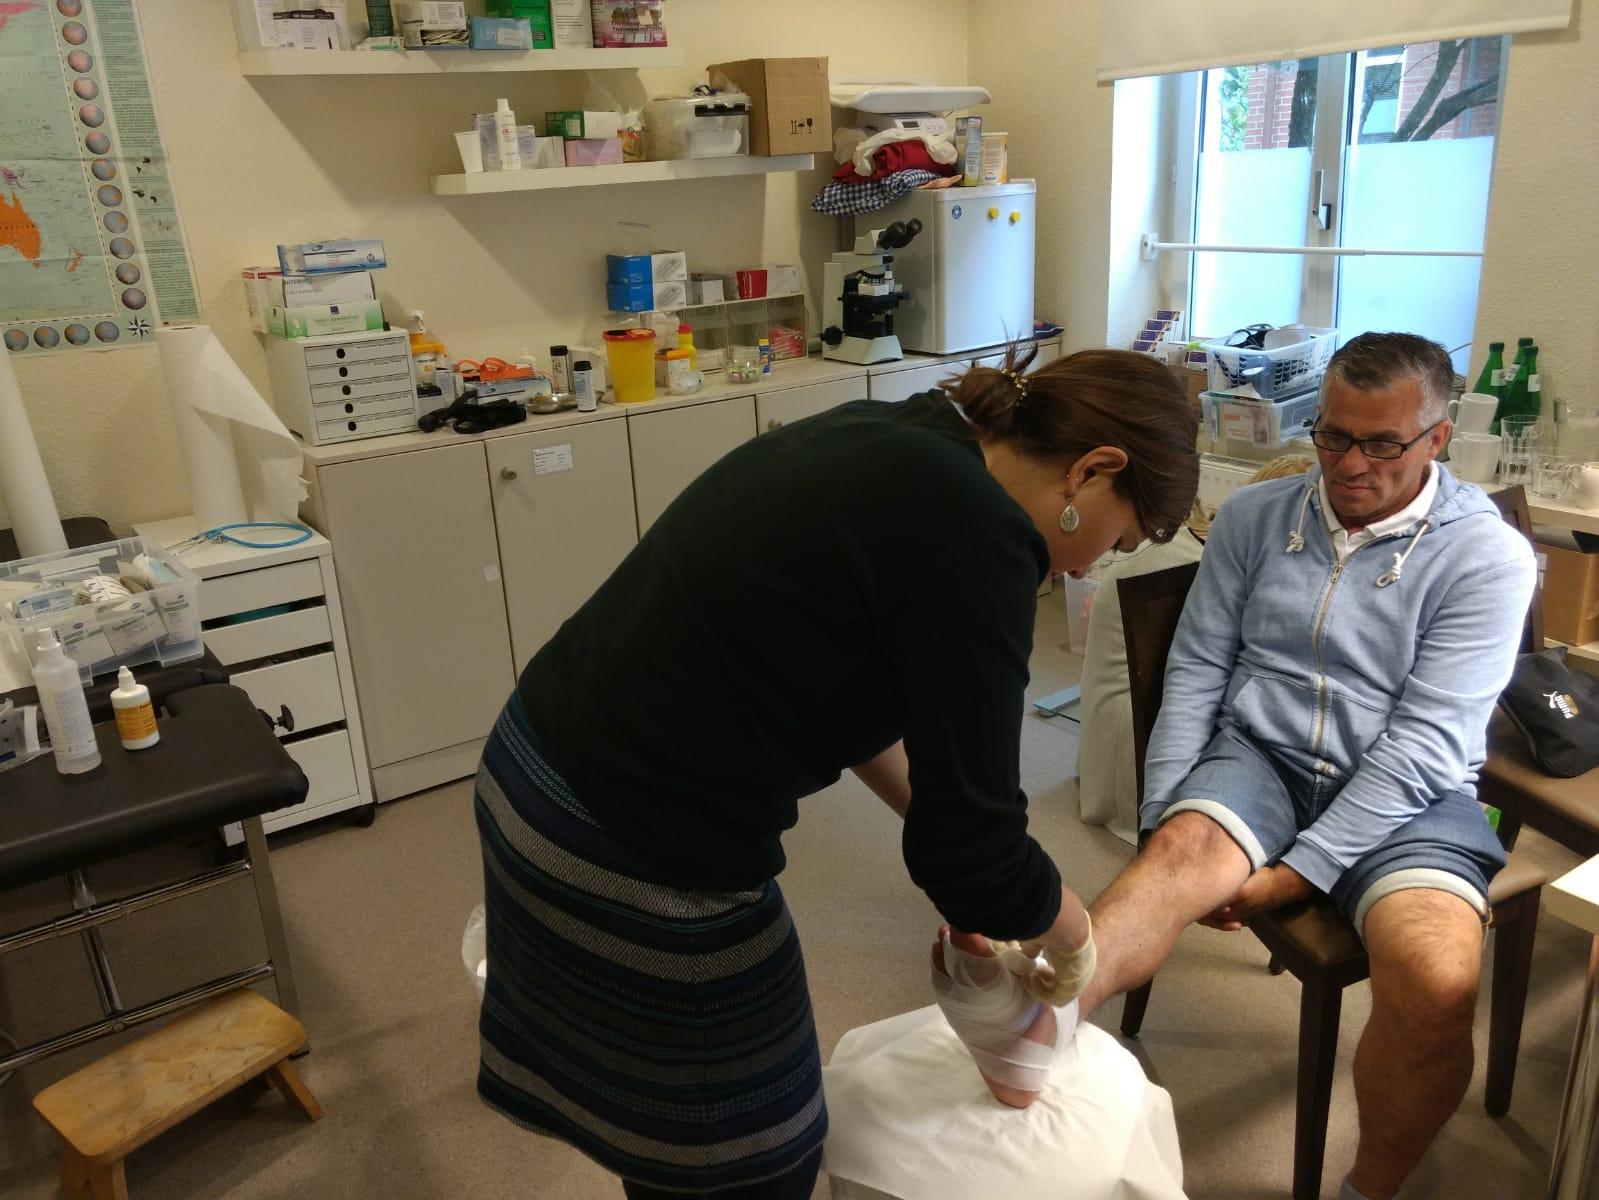 Ein Patient, der wegen eines schlecht eingestellten Diabetes einen Zeh verloren hat, wird von der Ärztin versorgt.